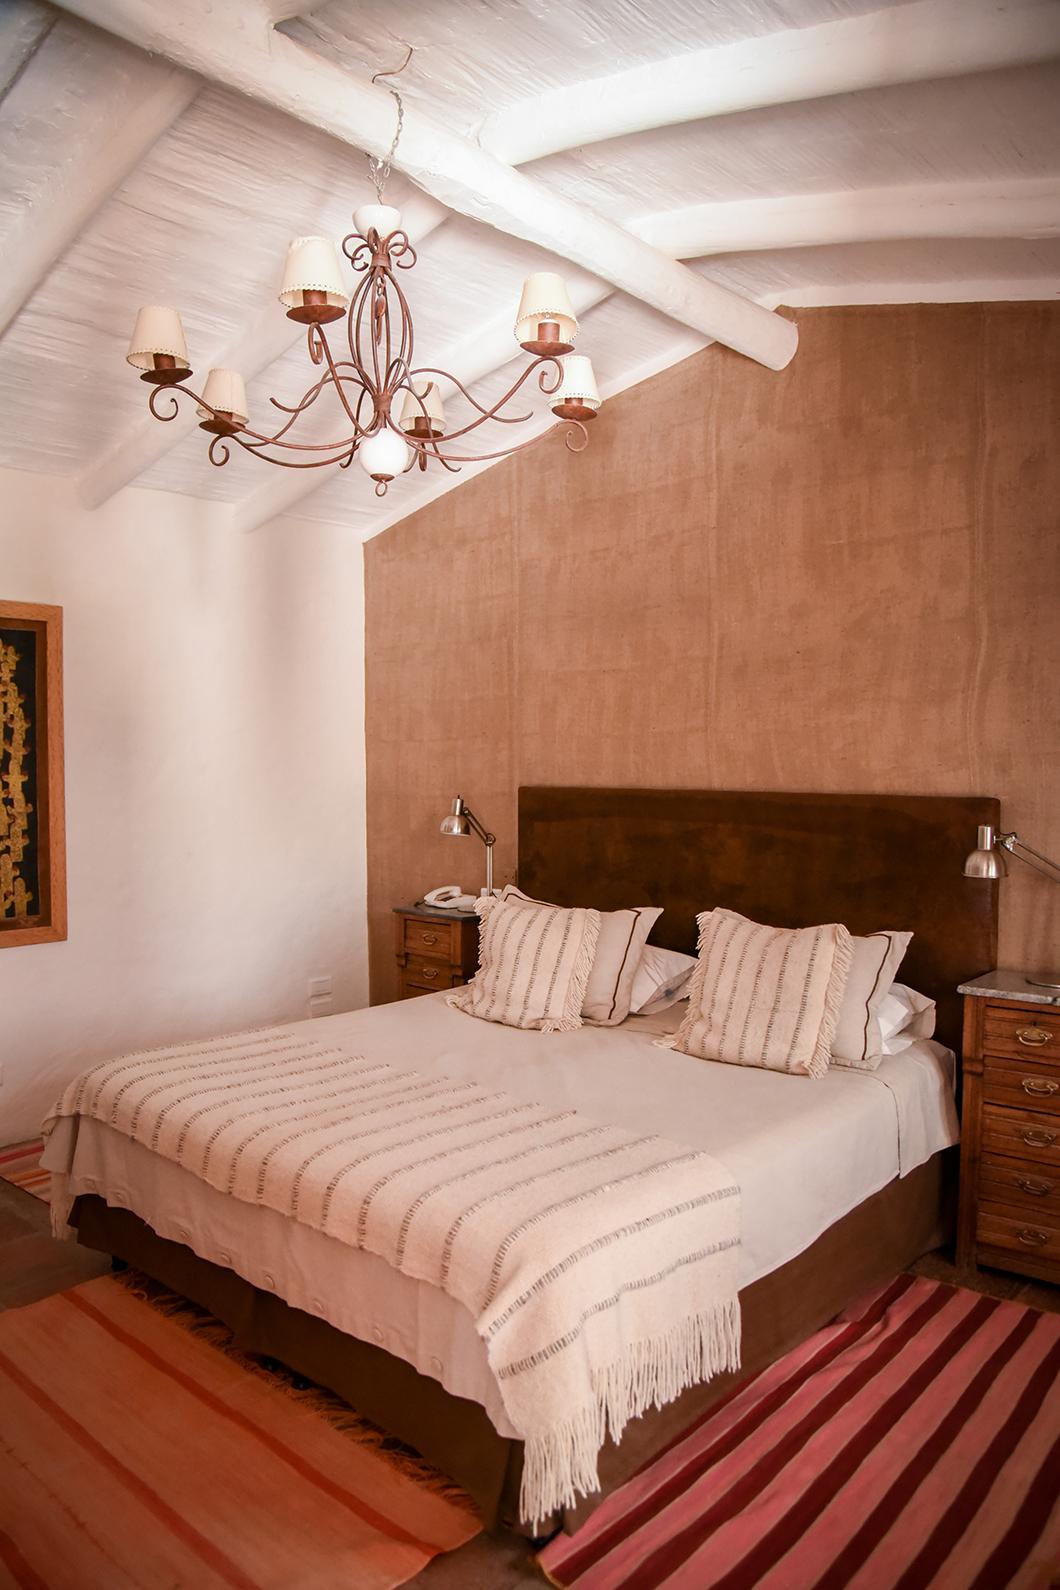 Top des beaux hôtels en Argentine, El Cortijo Hotel Boutique